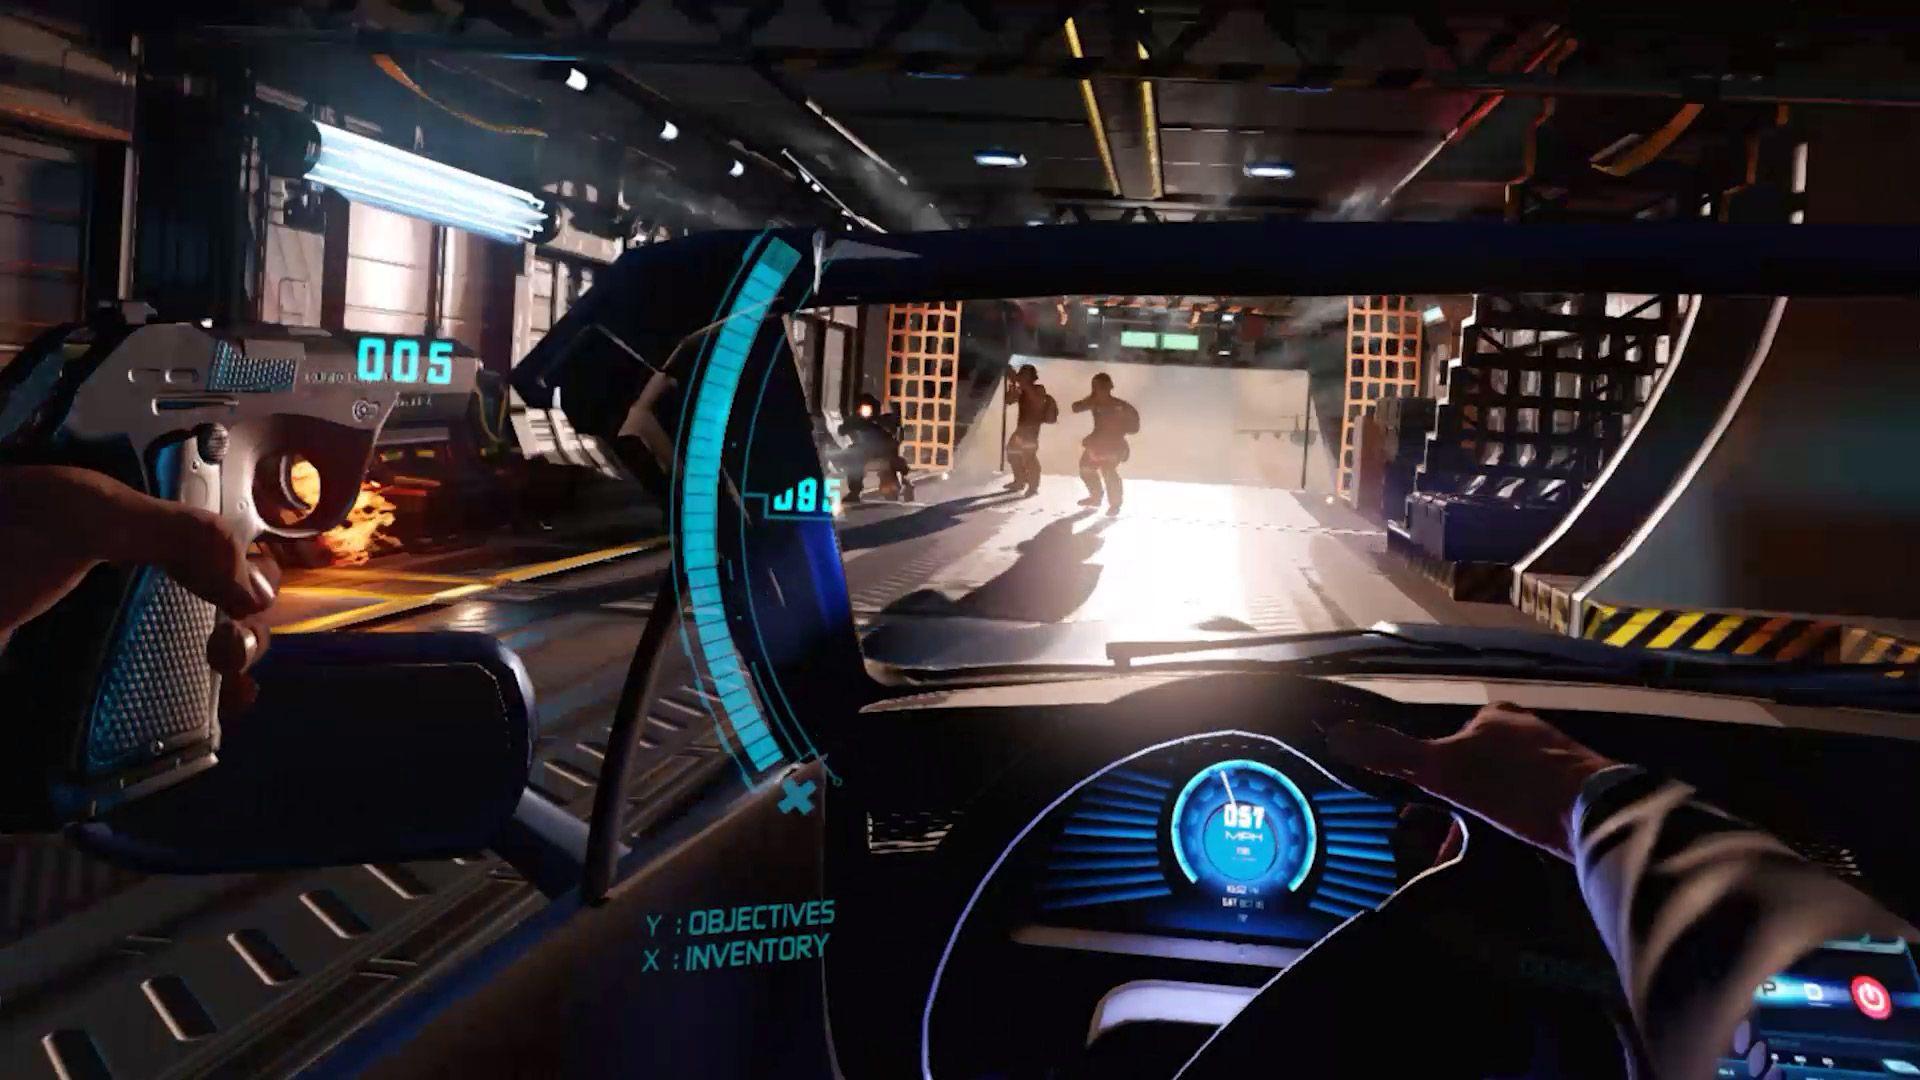 Juegos de realidad virtual ¡Impresindibles!